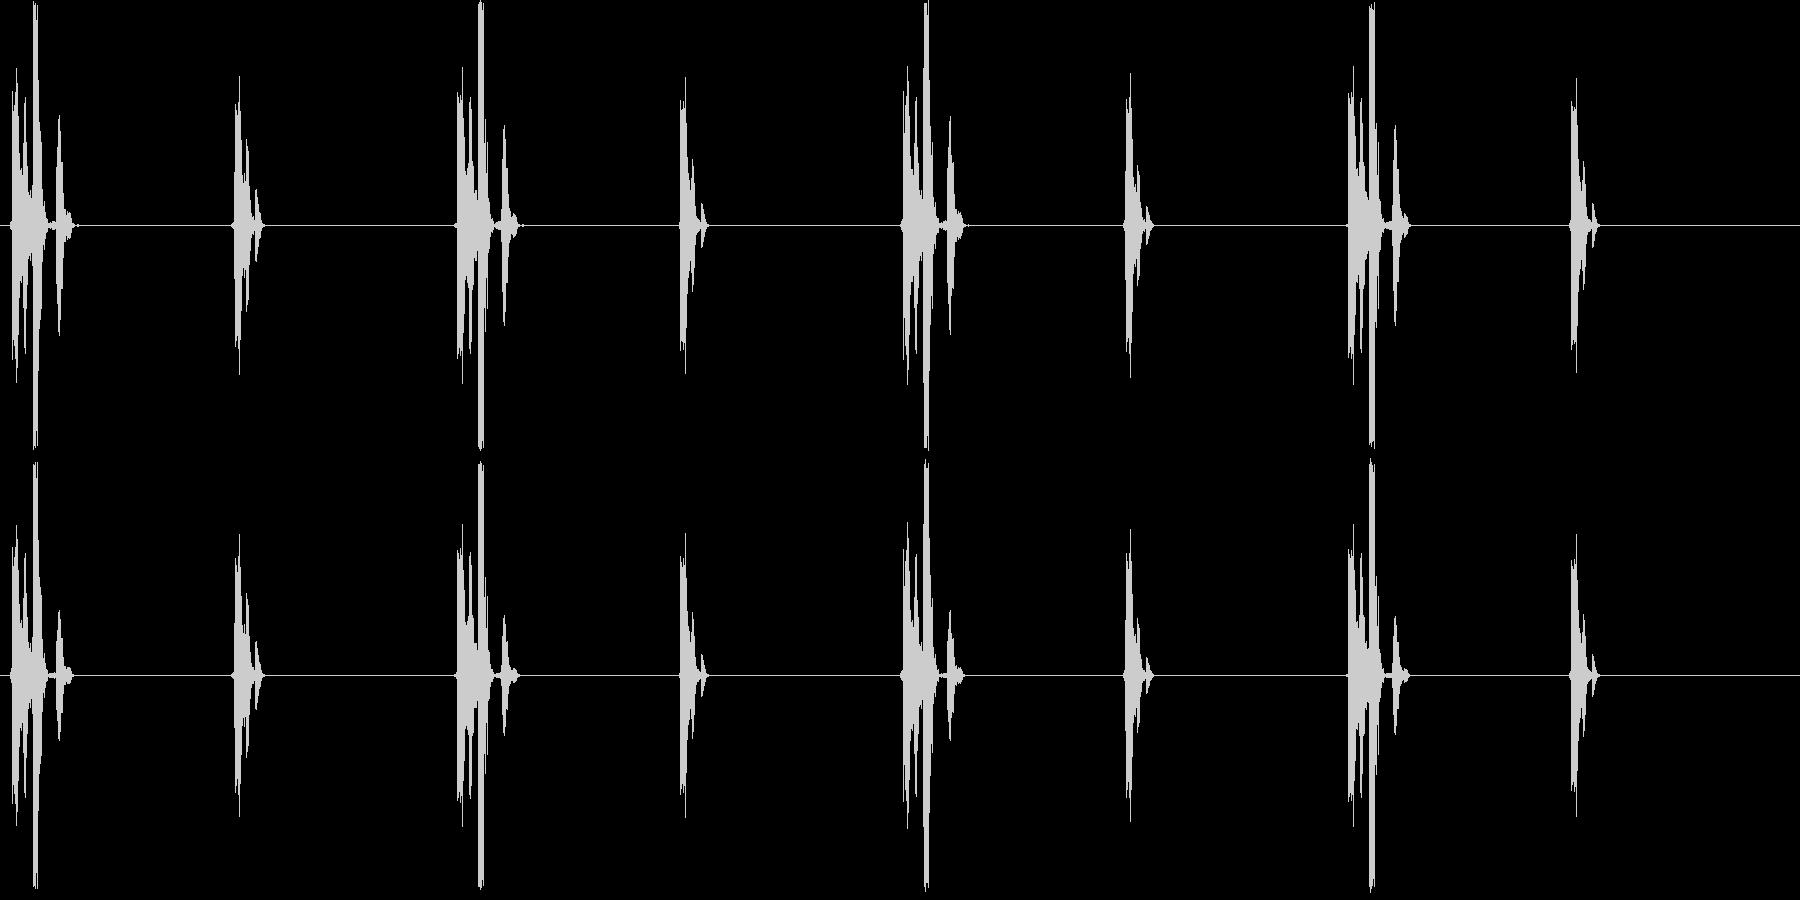 チクタクチクタク…(時計、刻み)の未再生の波形